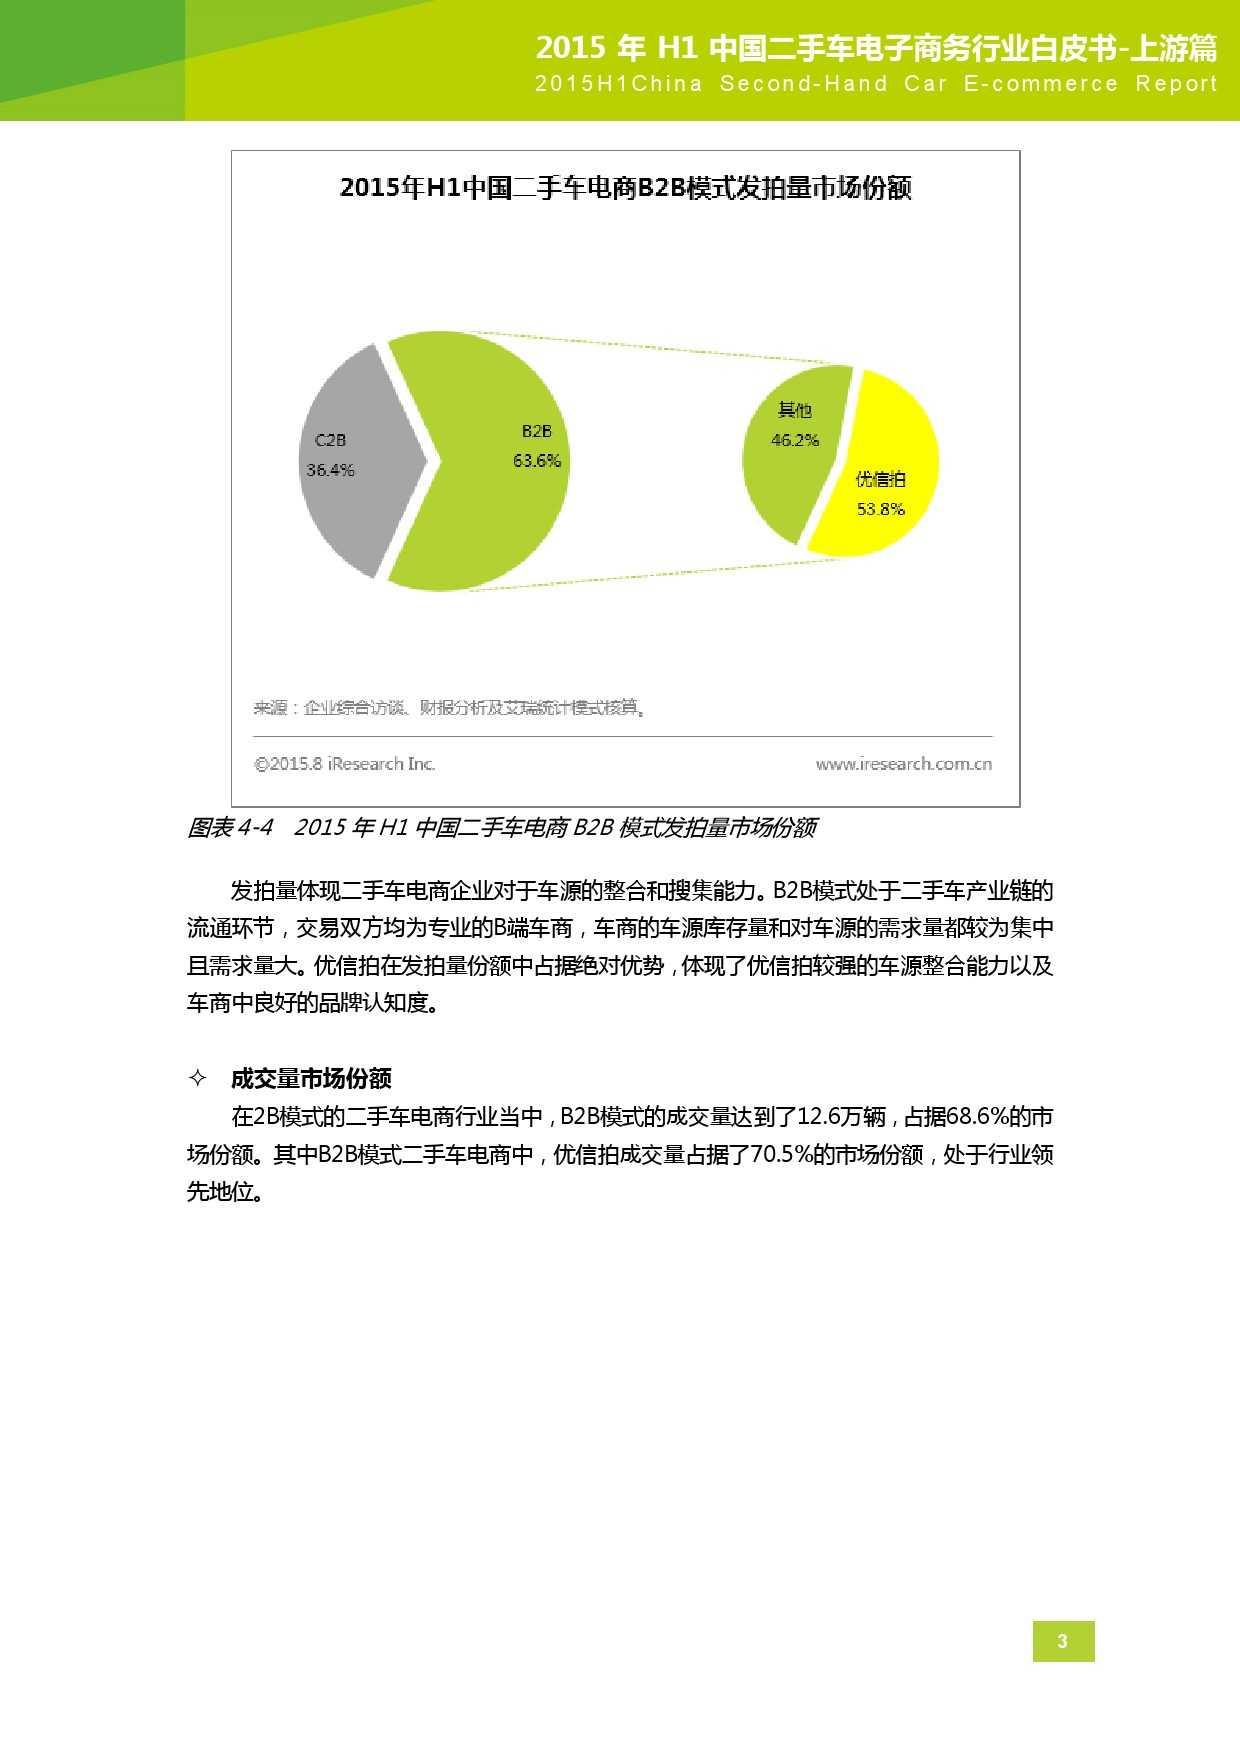 2015年中国二手车电子商务行业白皮书-上游篇_000041